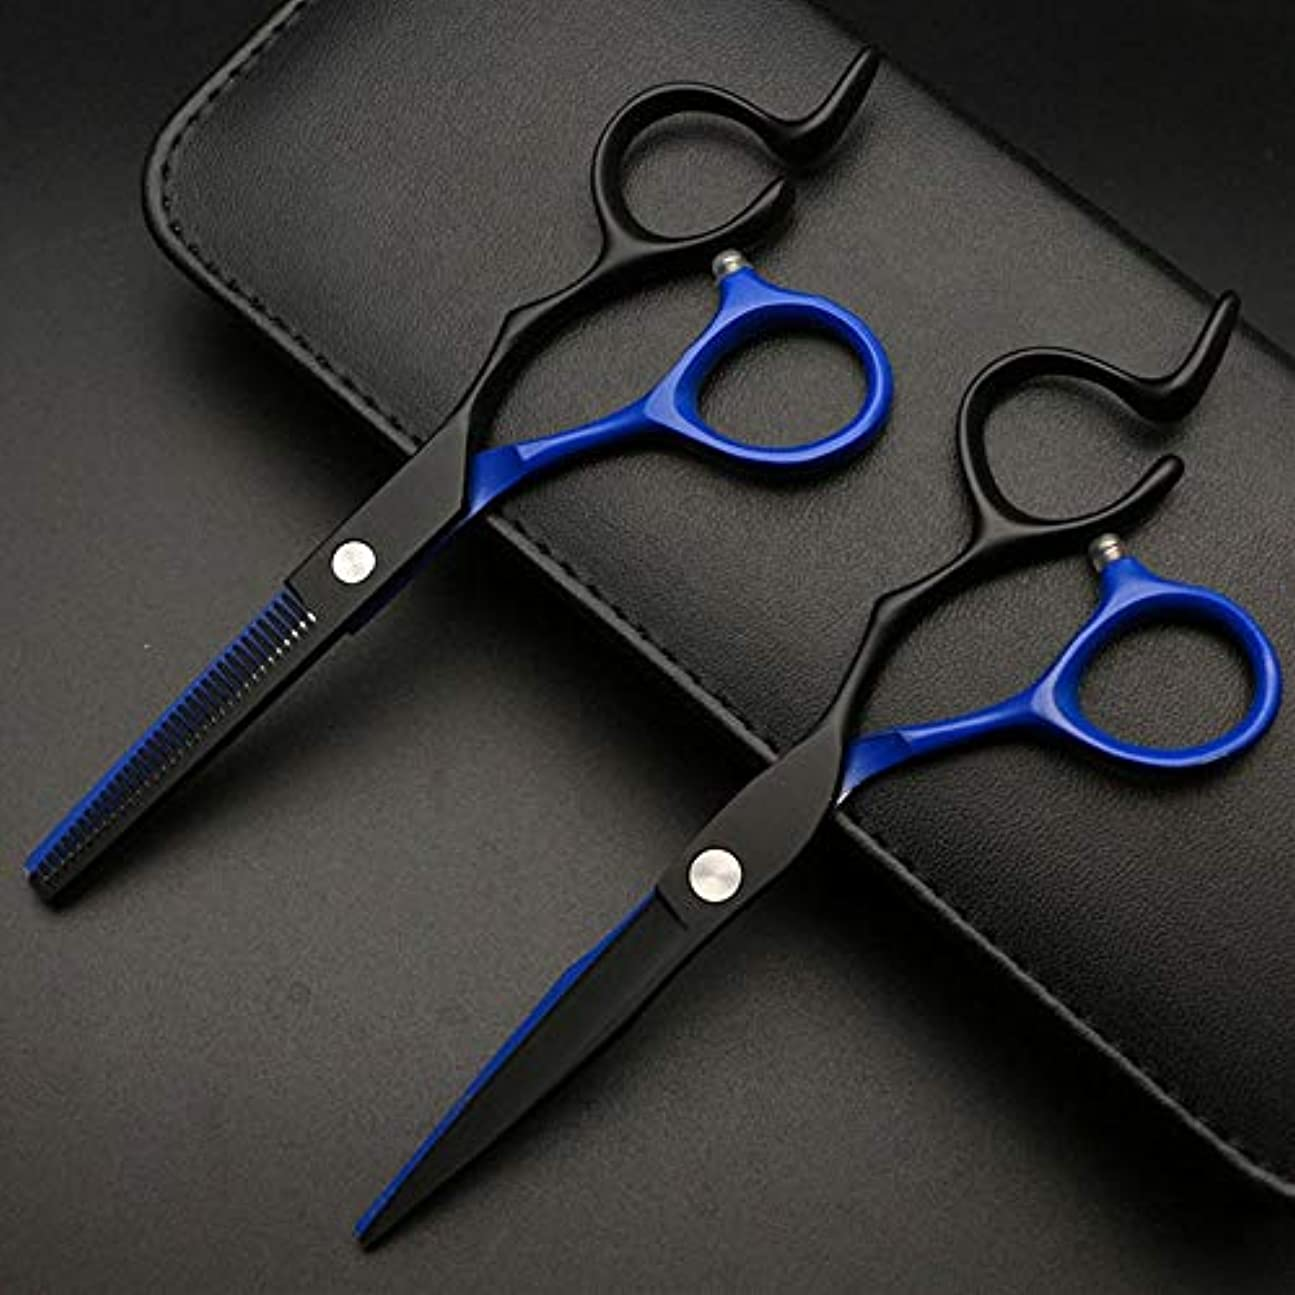 の量アコー取り付けHairdressing 5.5インチカラーペイント理髪はさみ、理髪はさみセットコンビネーションヘアカットはさみステンレス理髪はさみ (色 : Black blue)